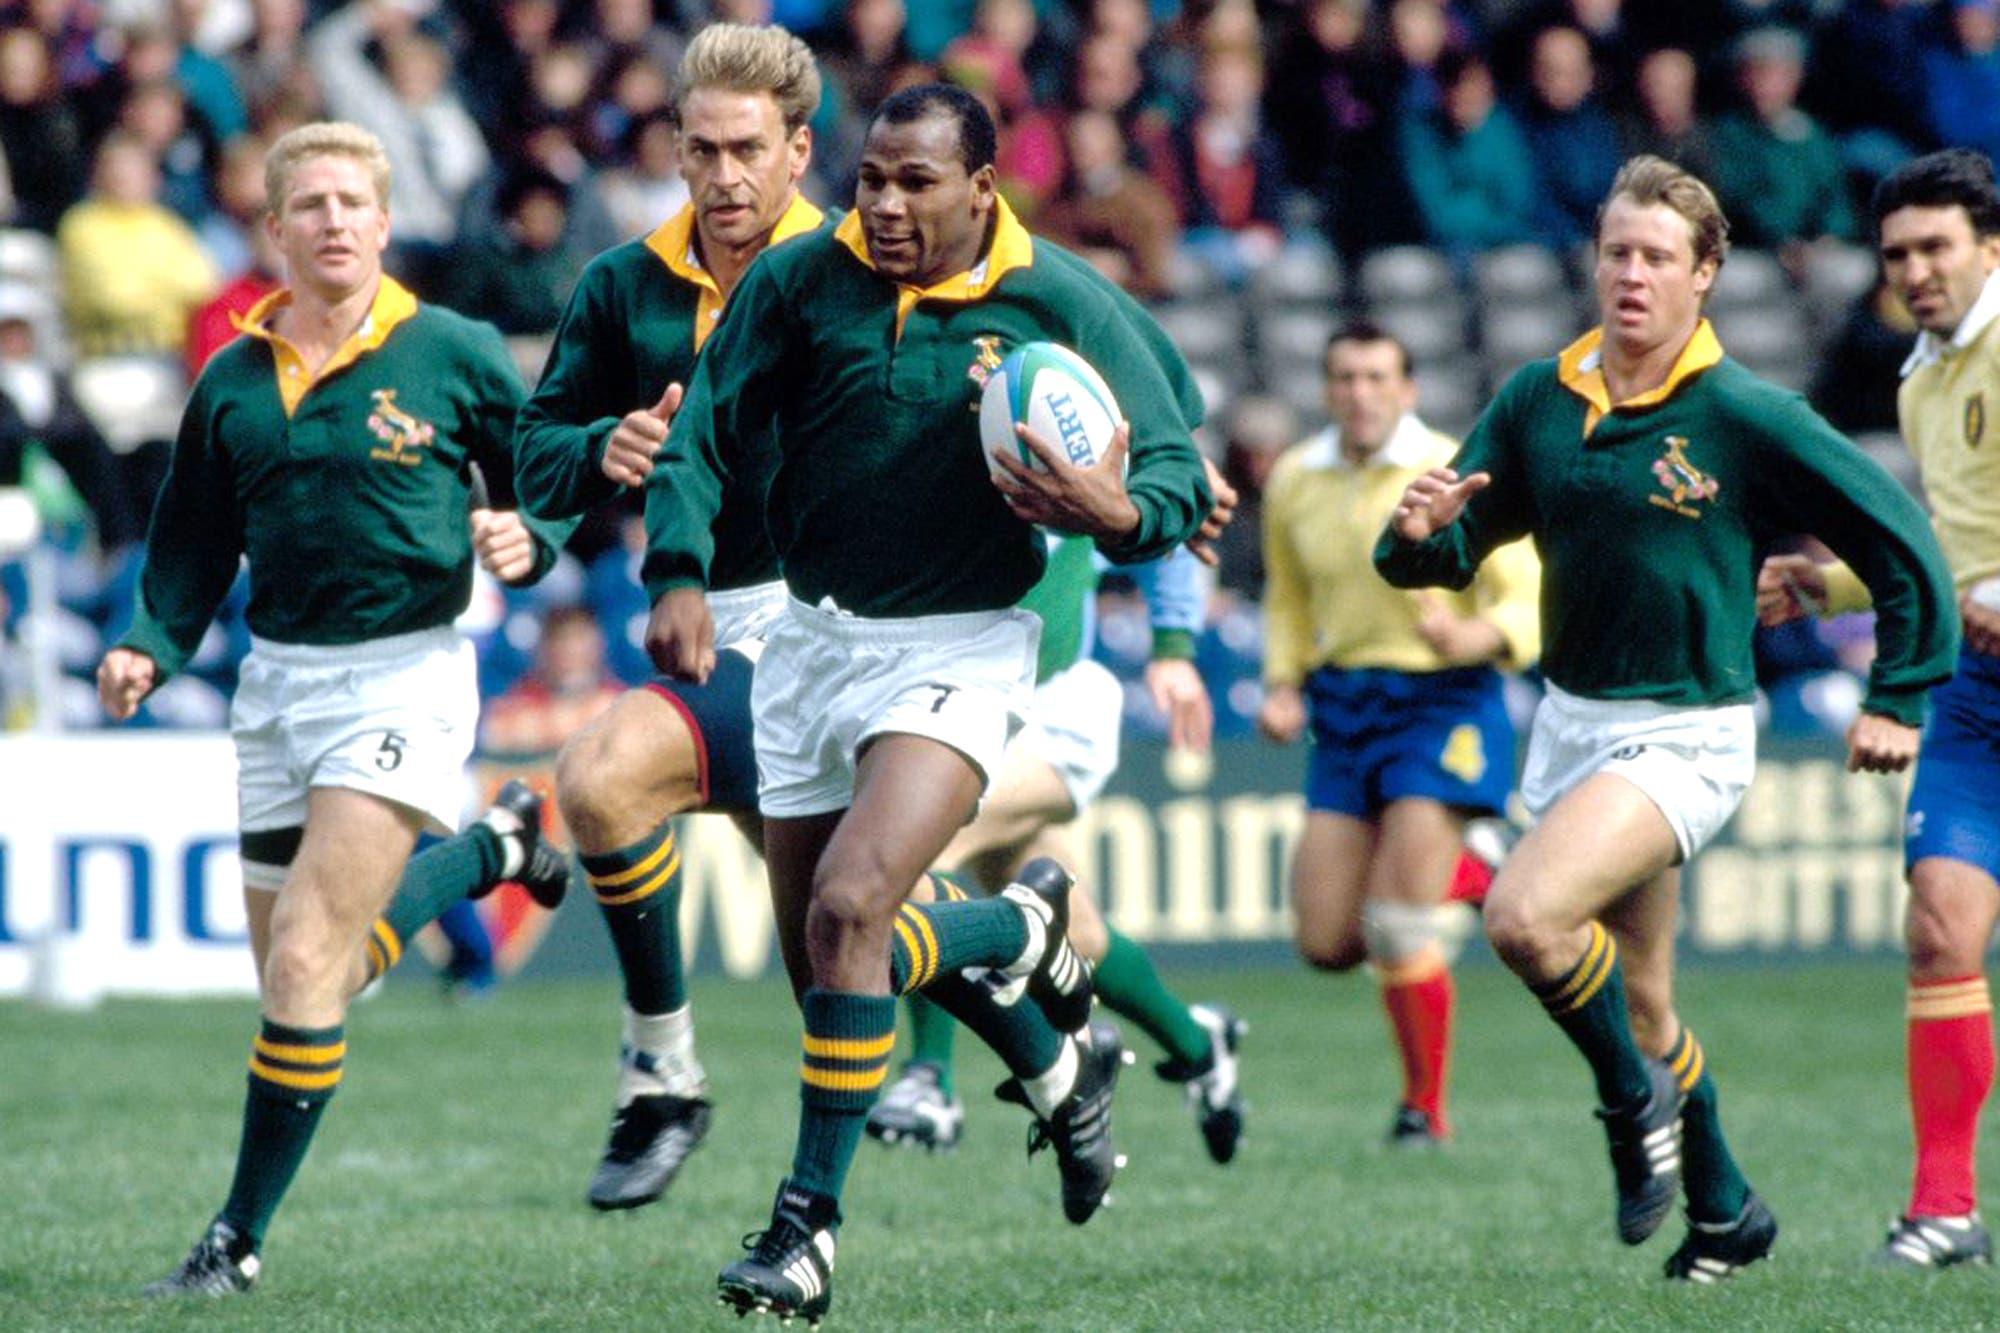 Murió Chester Williams, el único rugbier negro campeón mundial con Sudáfrica en 1995